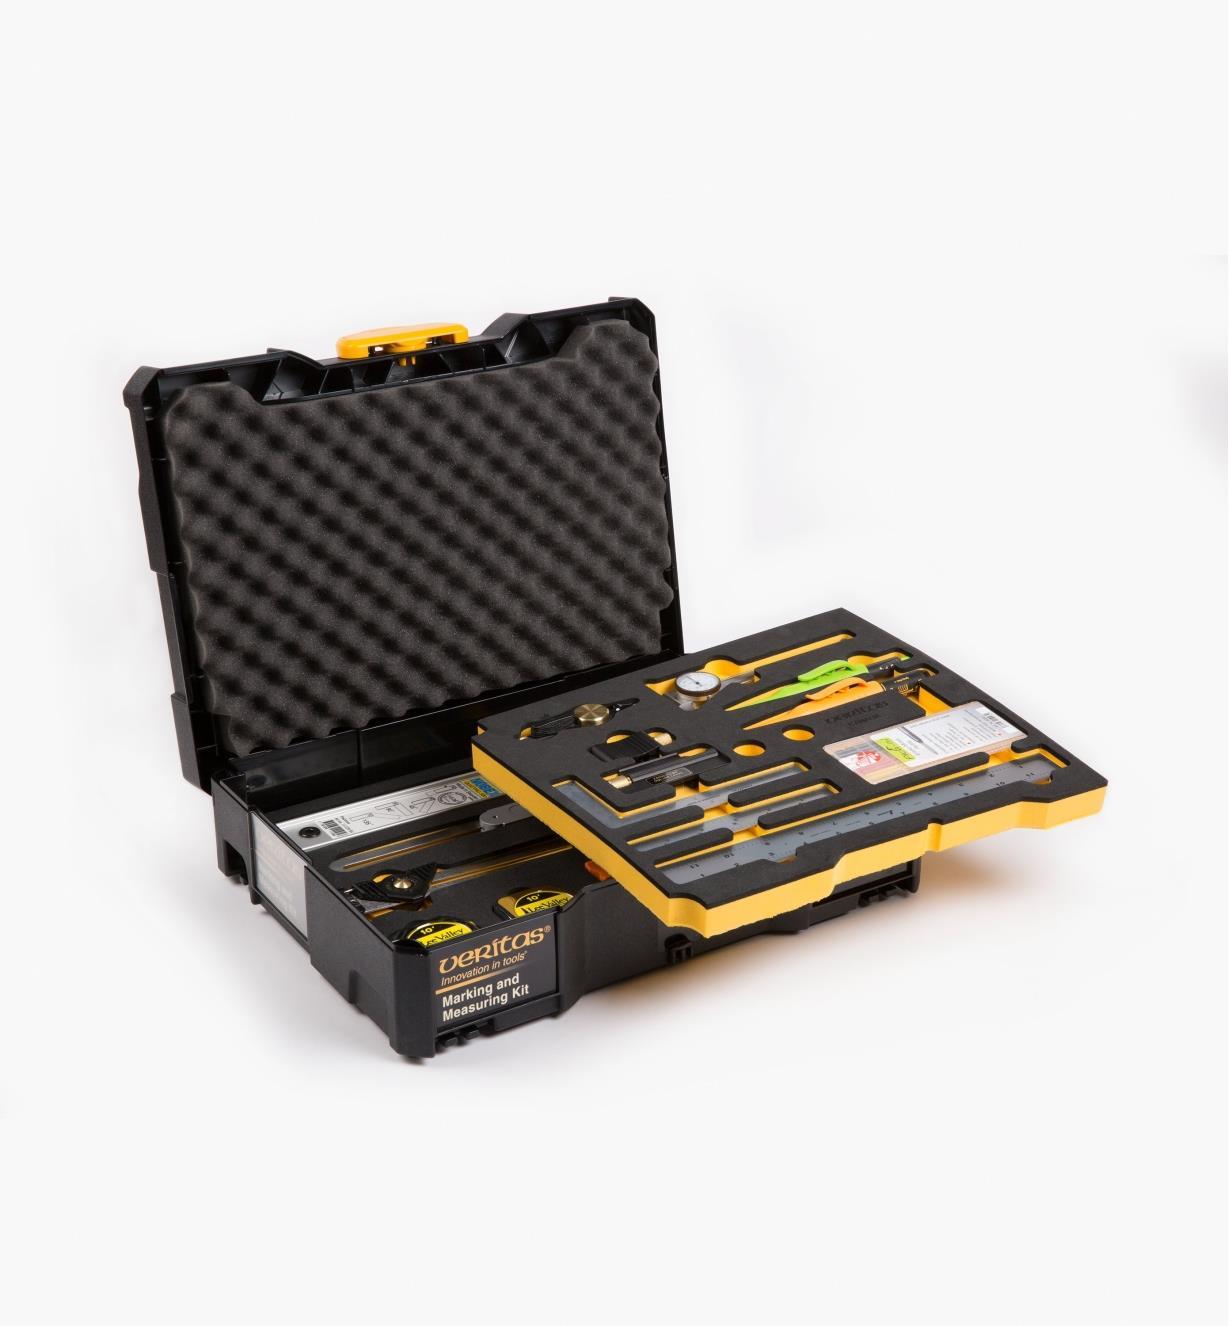 ZV50090 - Veritas Marking and Measuring Kit